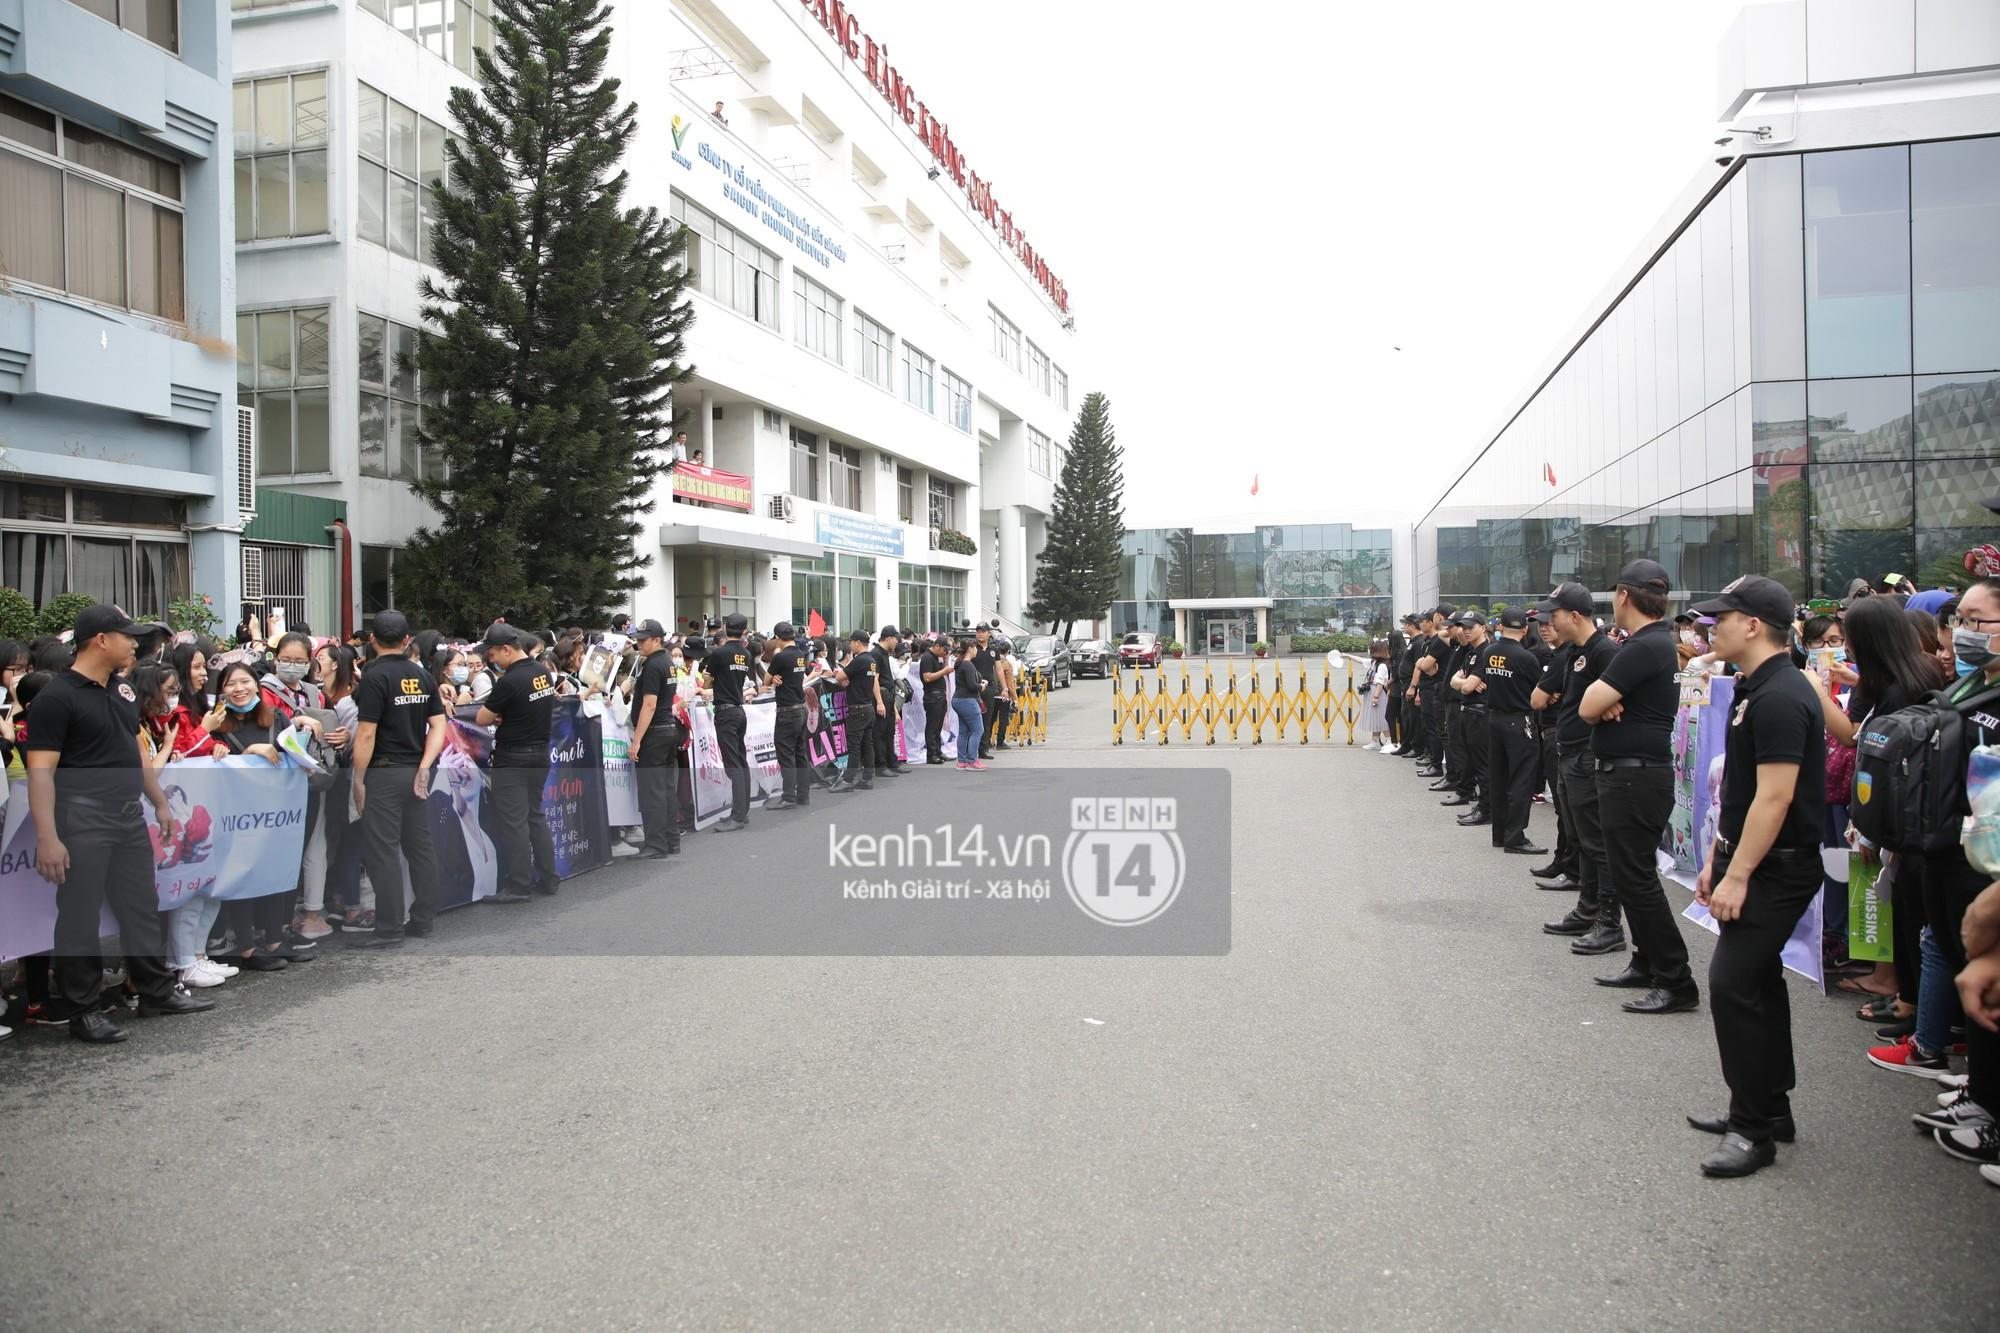 GOT7 cố vẫy chào tại sân bay Tân Sơn Nhất dù trời mưa to, fan Việt gây bất ngờ khi giữ thành hàng ngay ngắn chờ thần tượng - Ảnh 19.